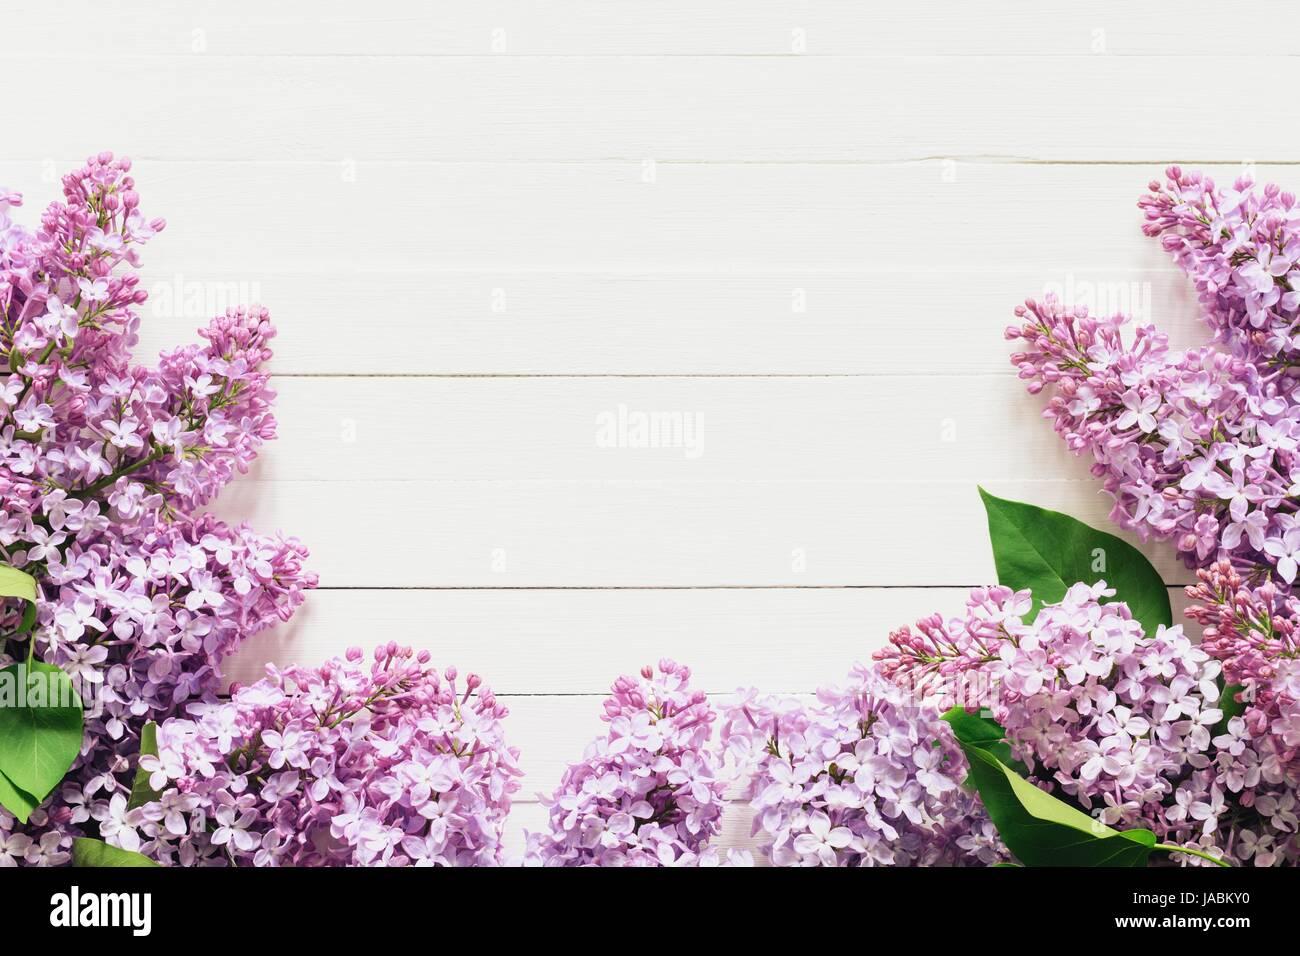 Lila Blumen Rahmen Zusammensetzung auf weißem Hintergrund. Wohnung ...